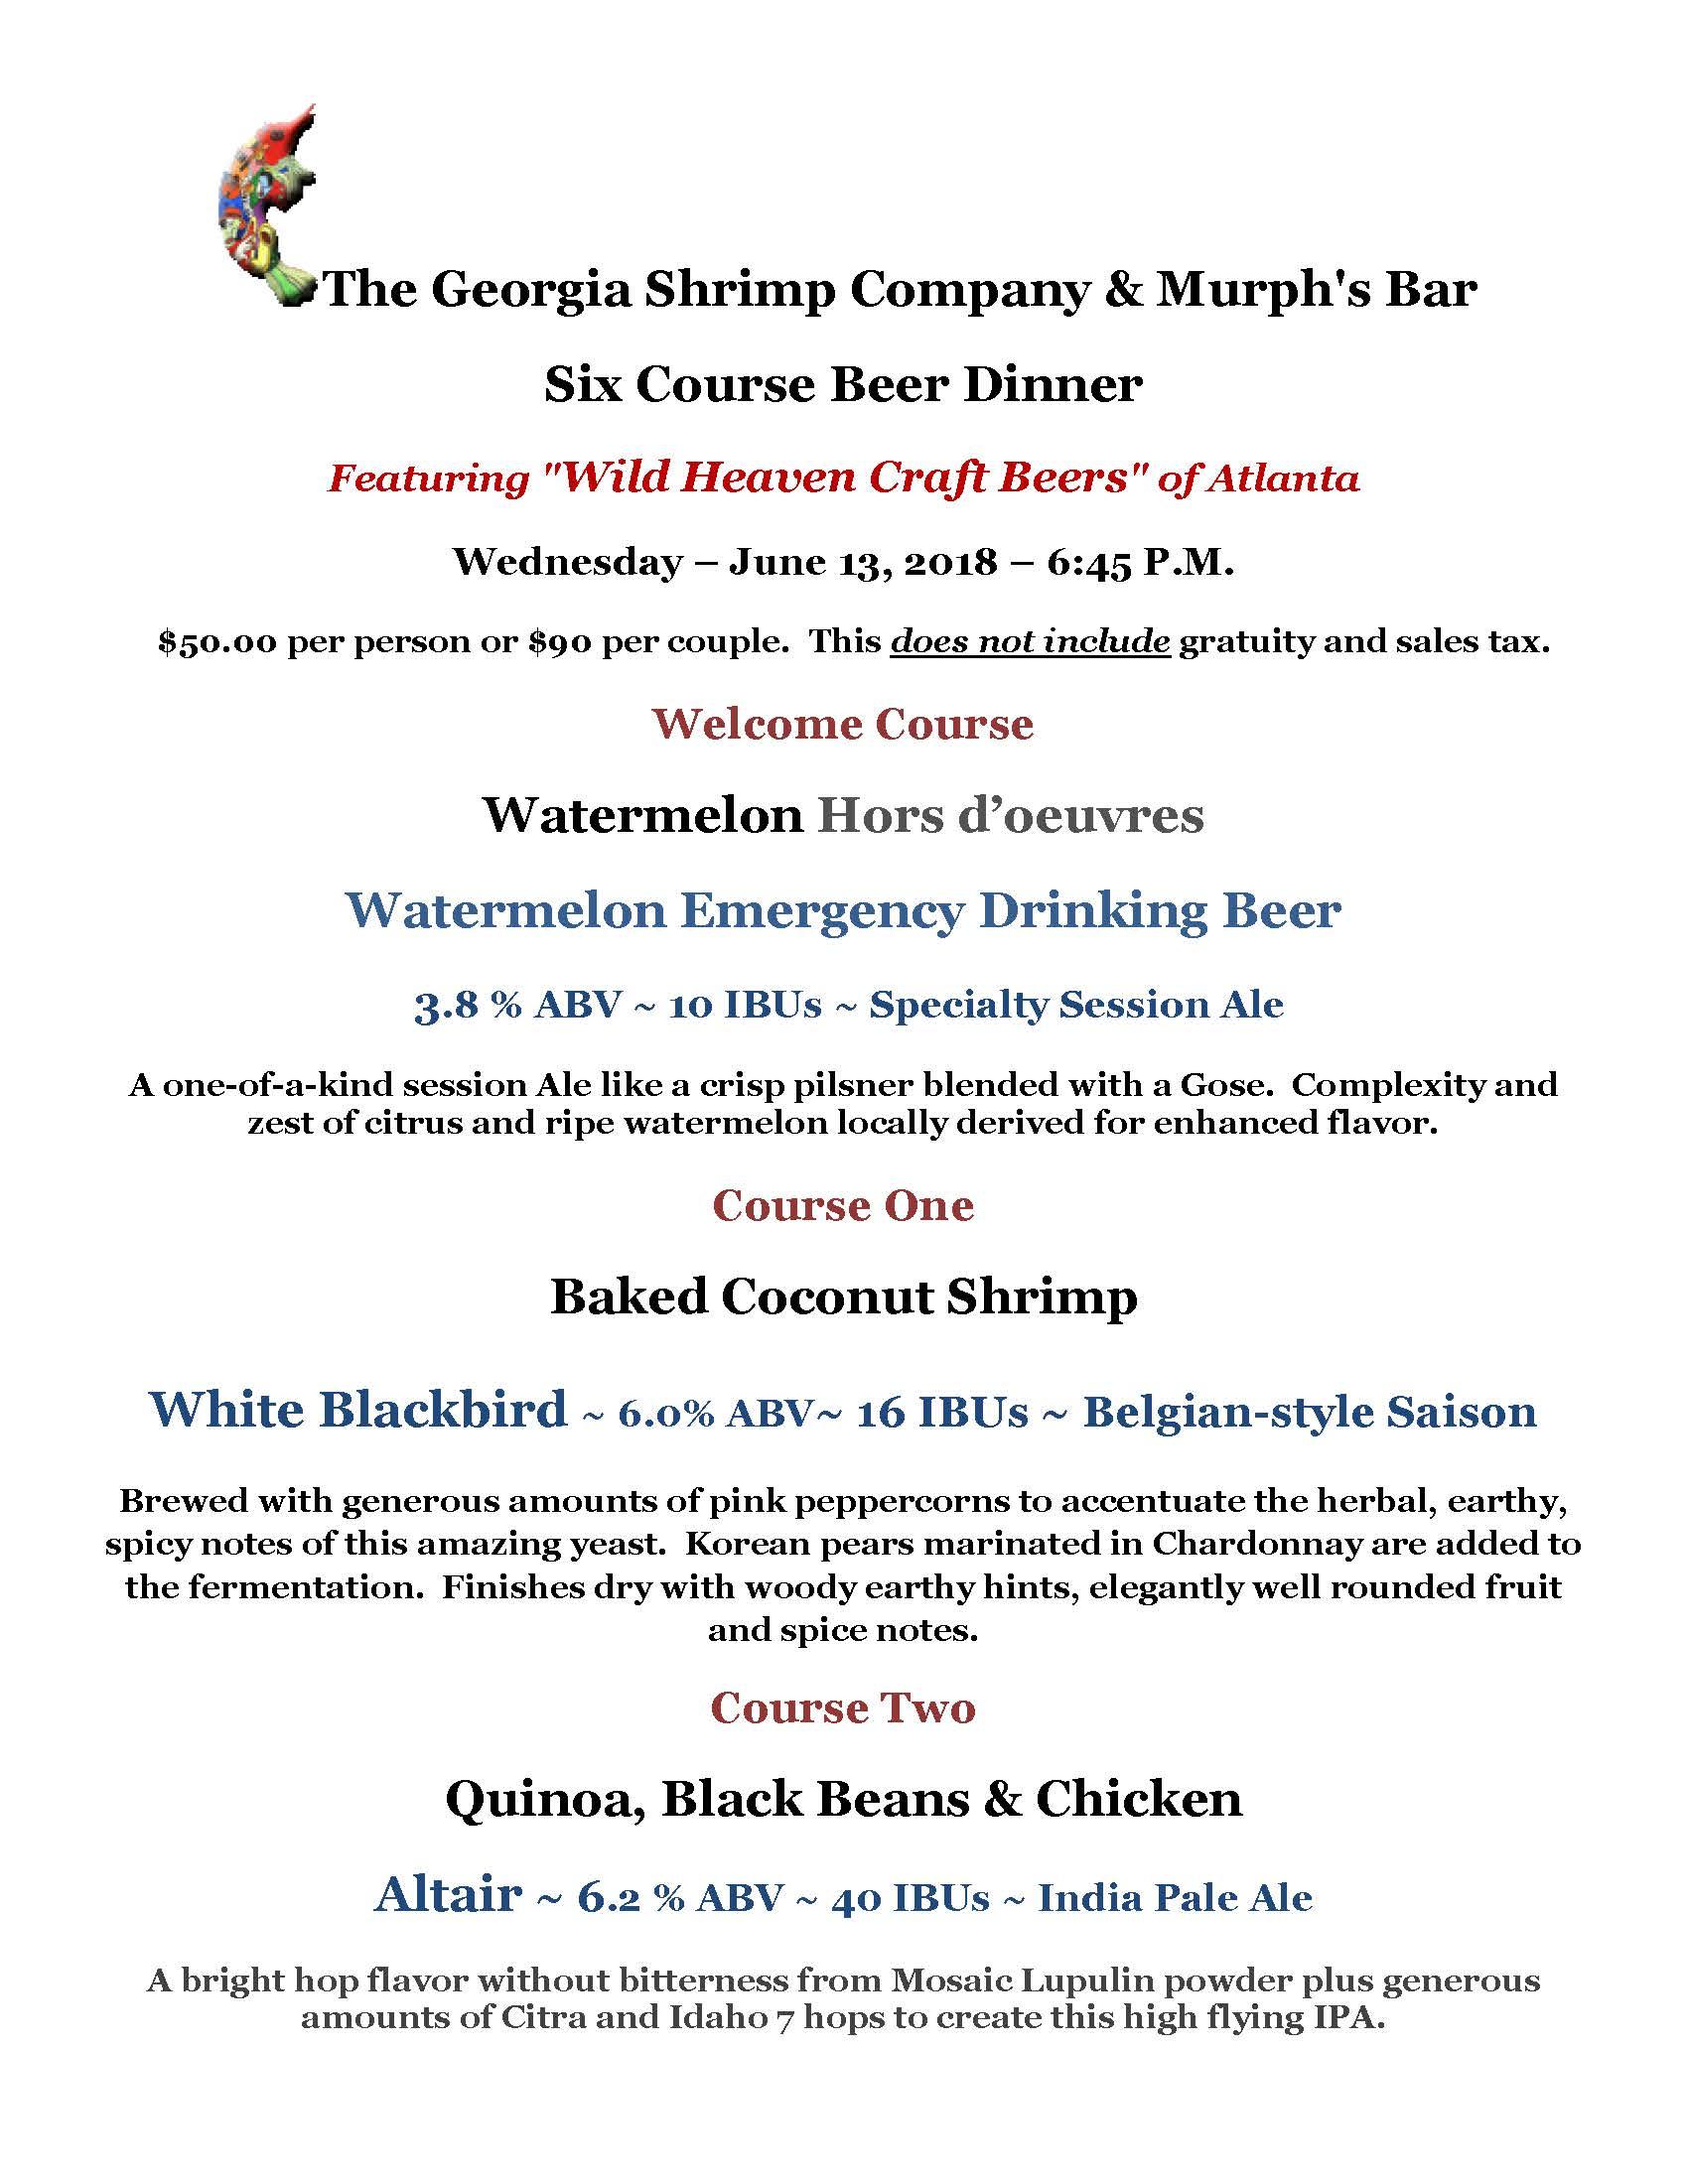 GAS+June Beer Dinner Menu Pairings & Beer Descriptions-060618-Final_Page_1.jpg